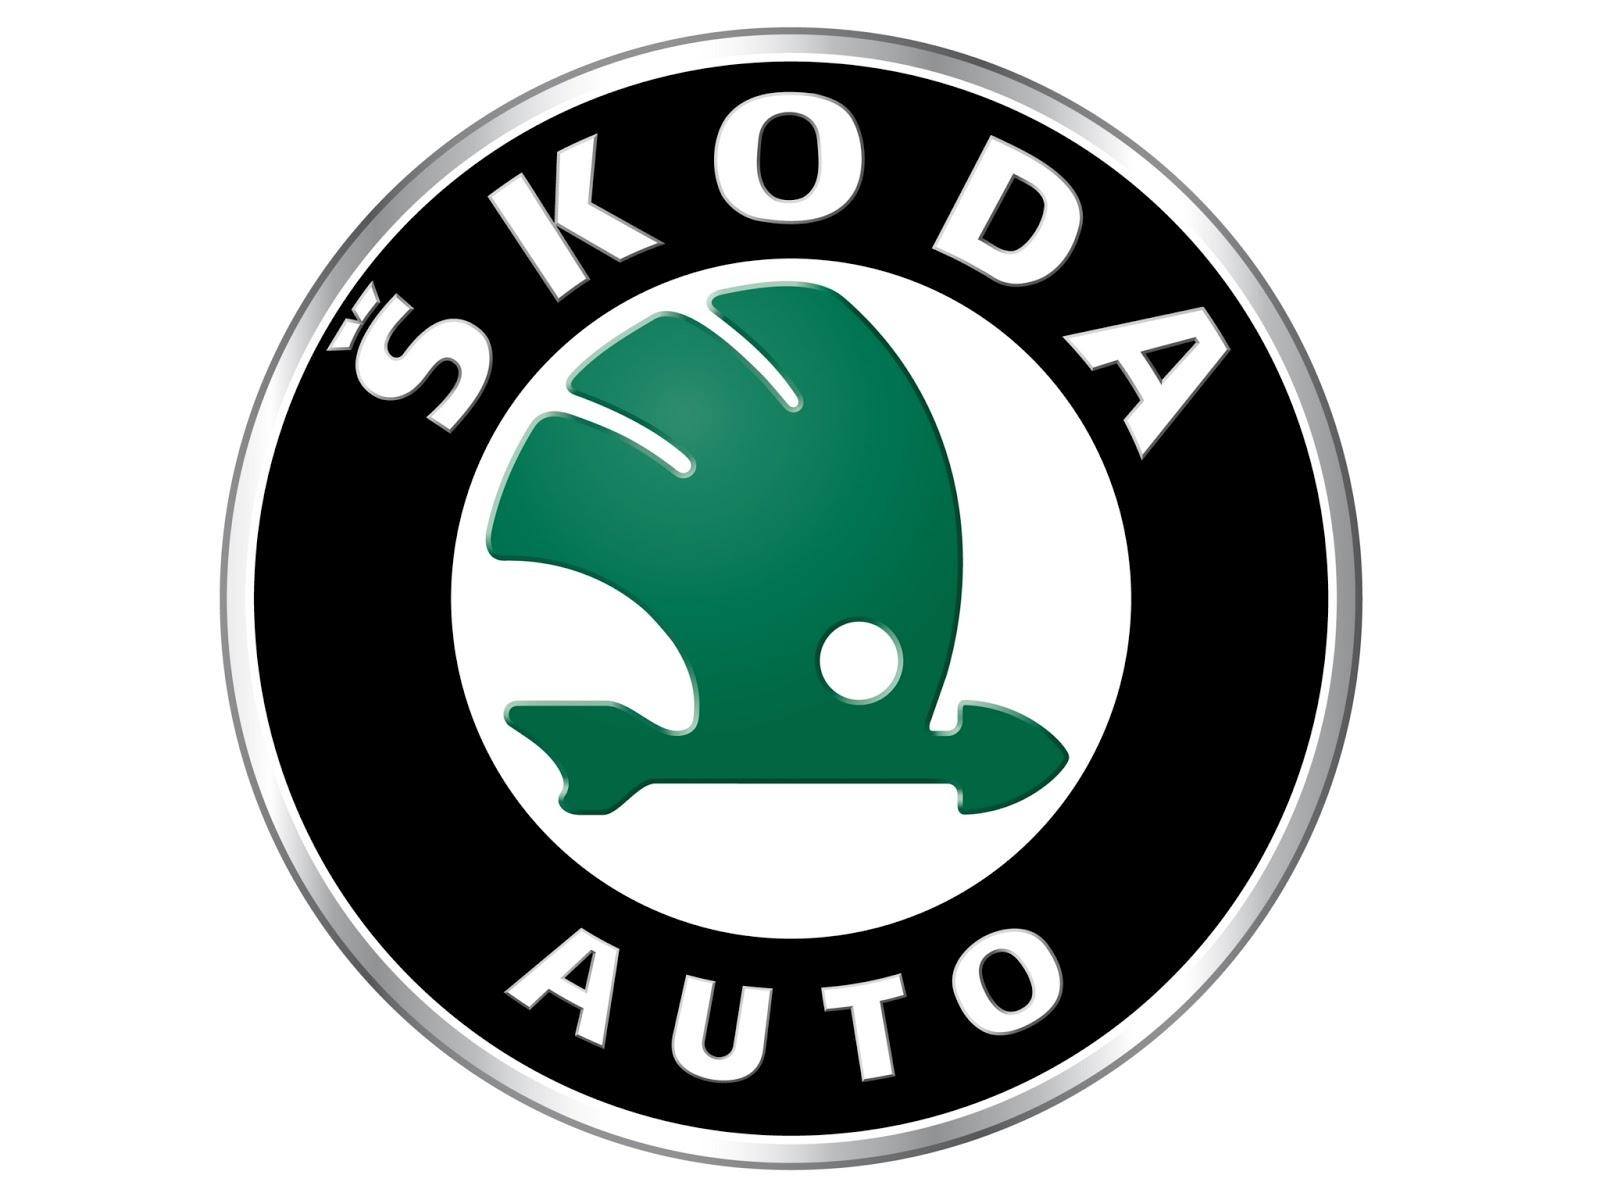 Koda Logo Koda Car Symbol Meaning And History Car